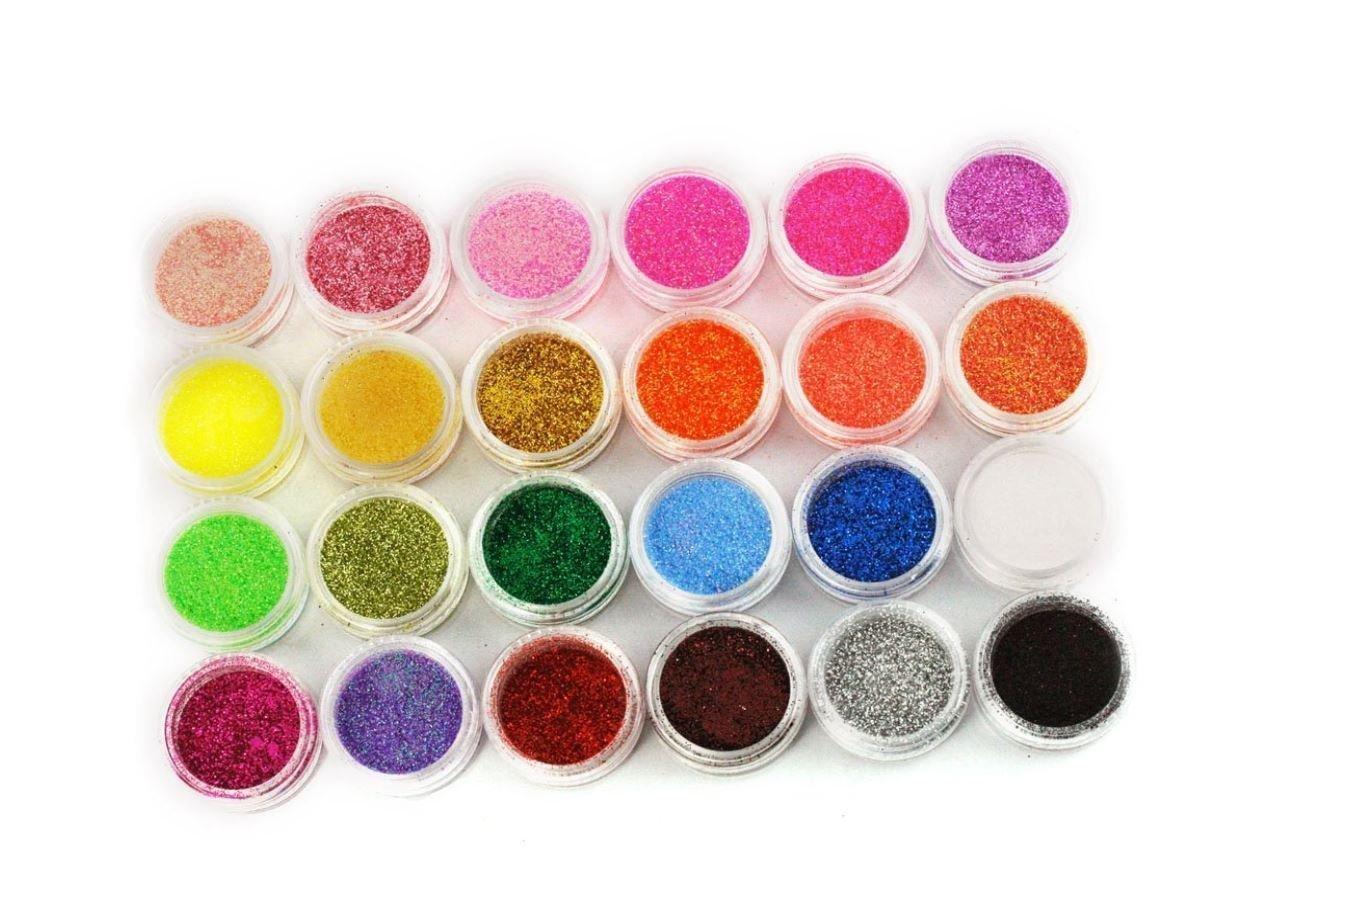 XI CHEN® 24 Color Nail Art Makeup Decoration Glitter Dust Powder (24PCS) XICHEN